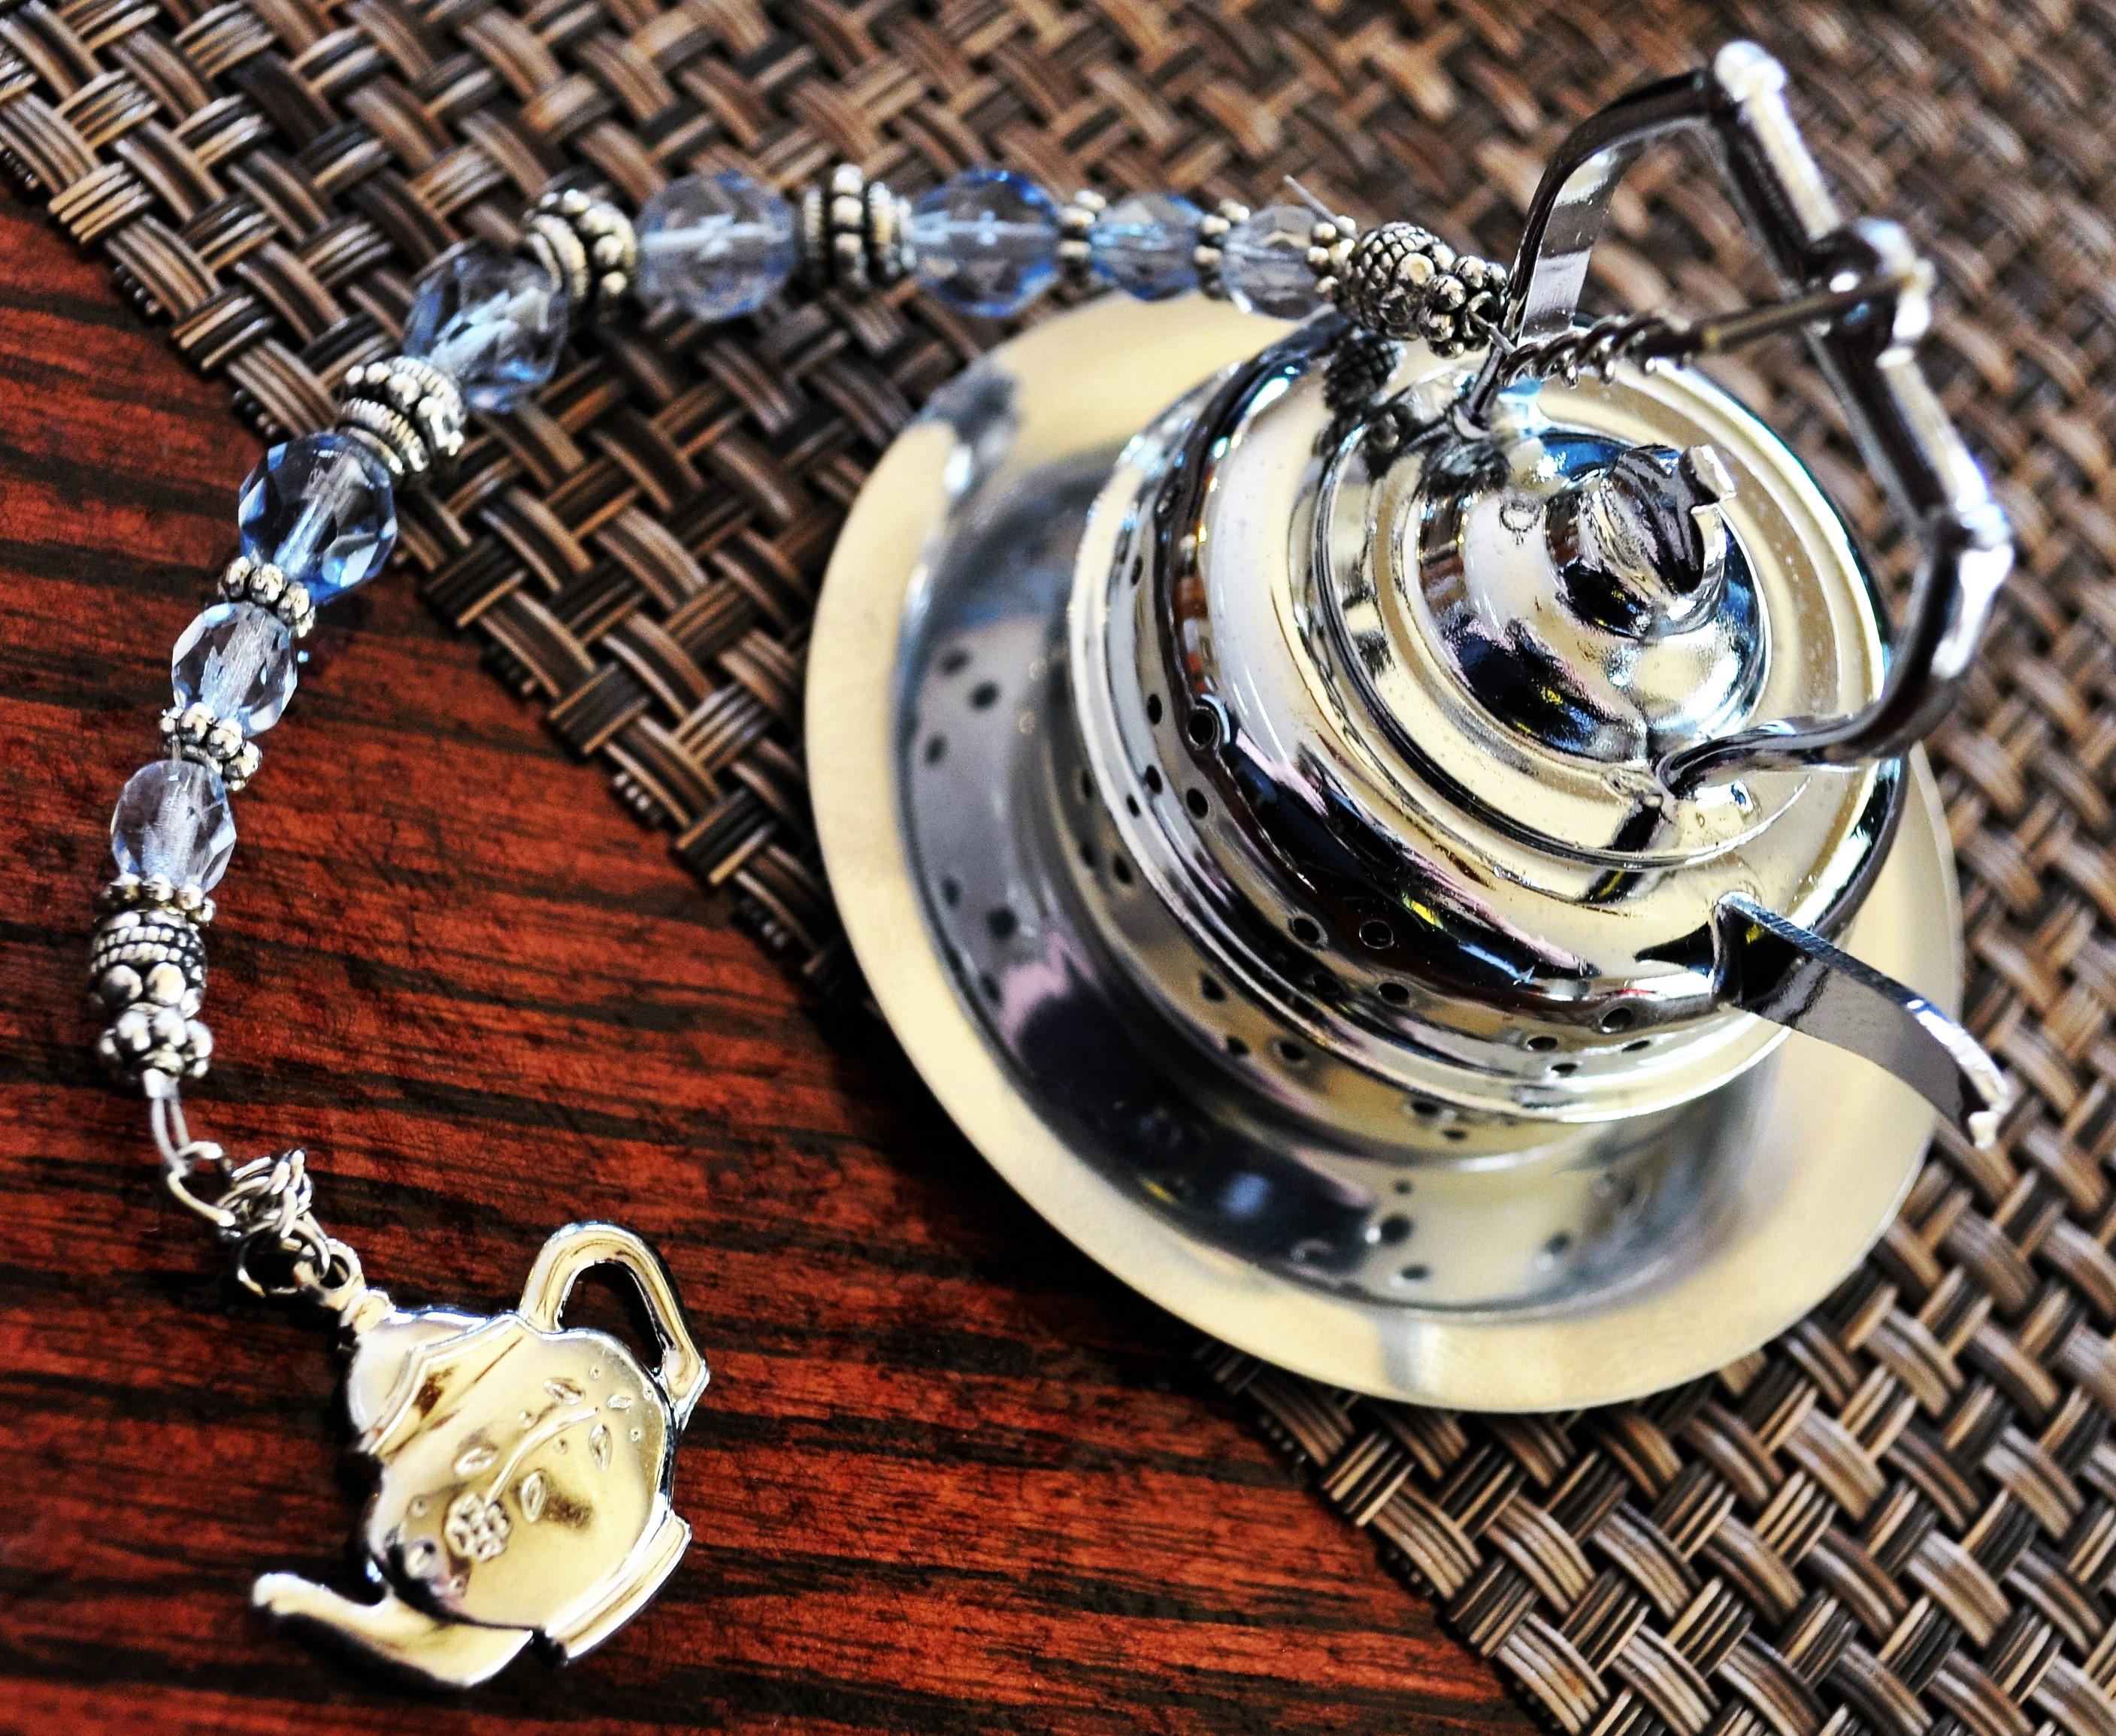 Cozy Reader Club April 2016 Tea Infuser 2